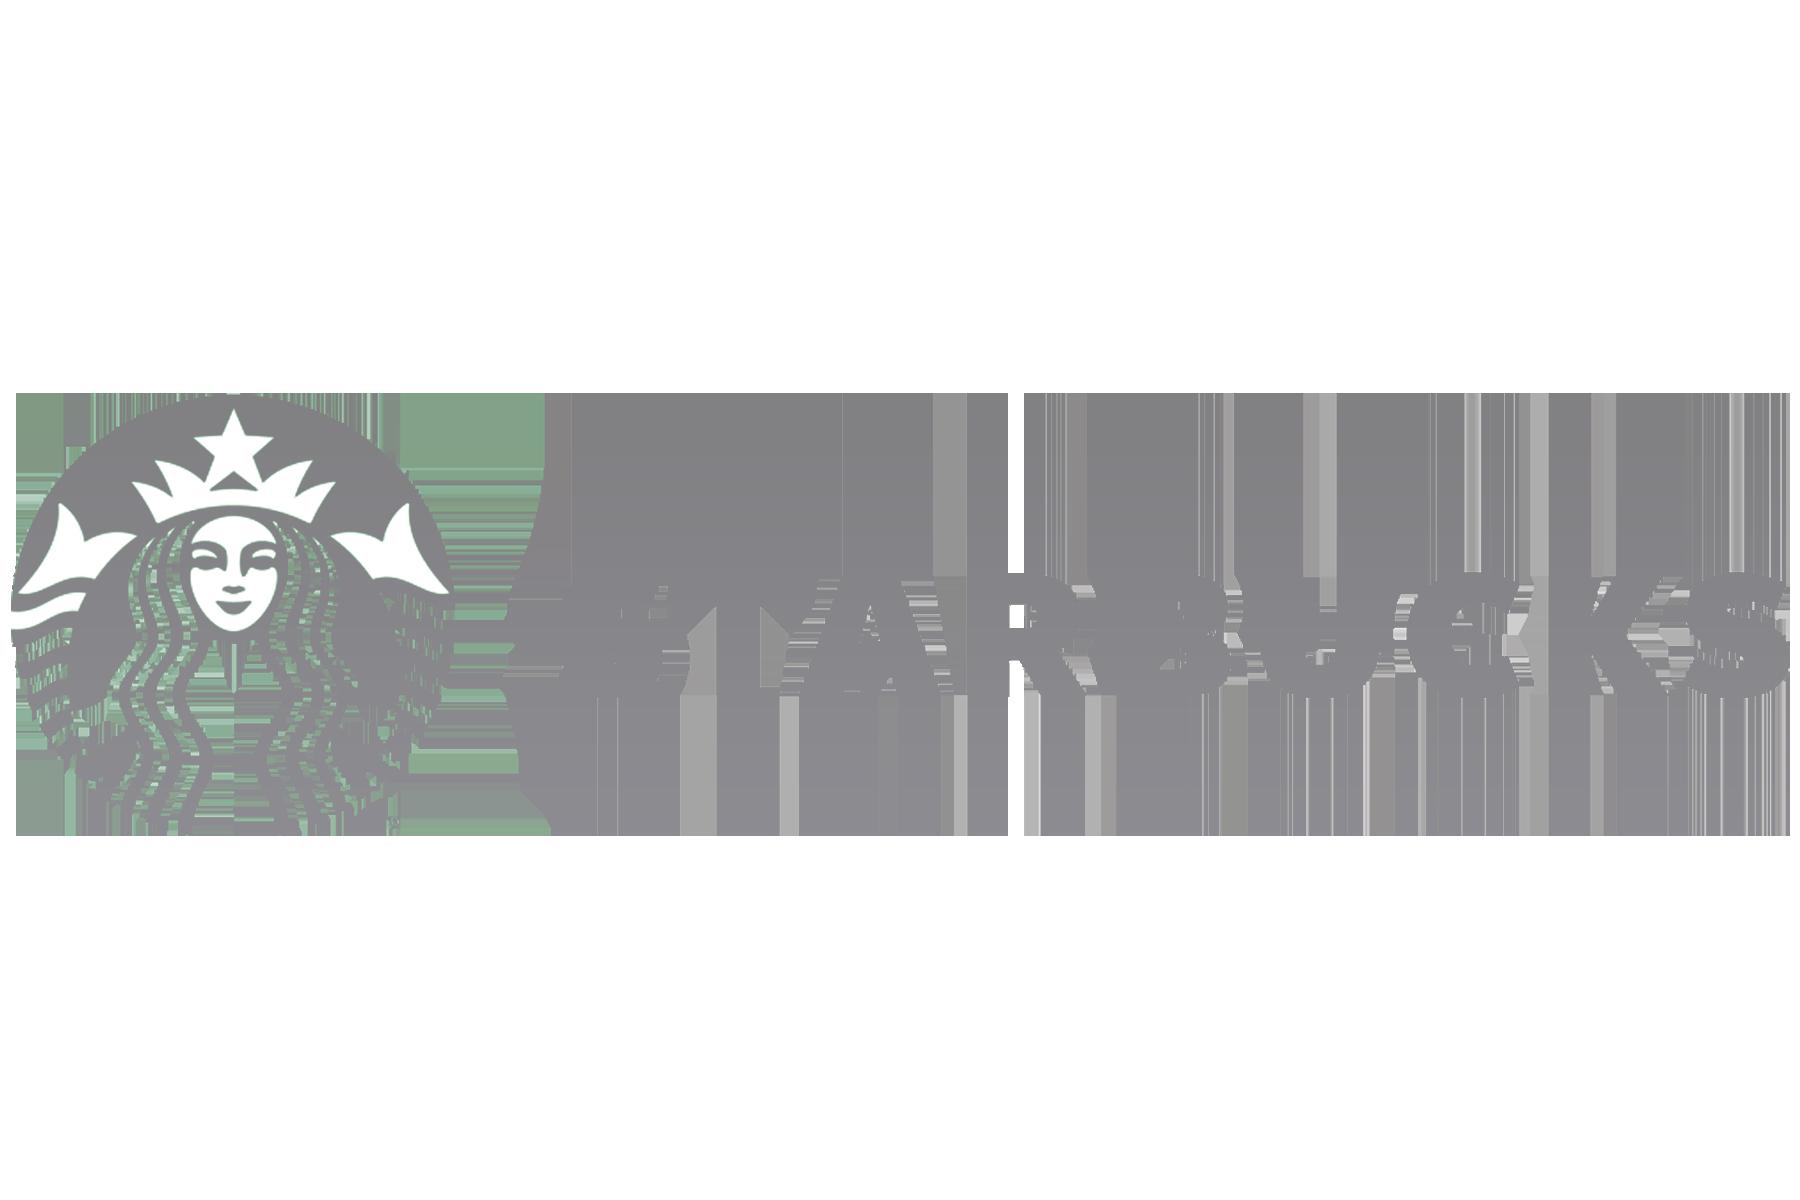 STARBUCKS_SEATTLE